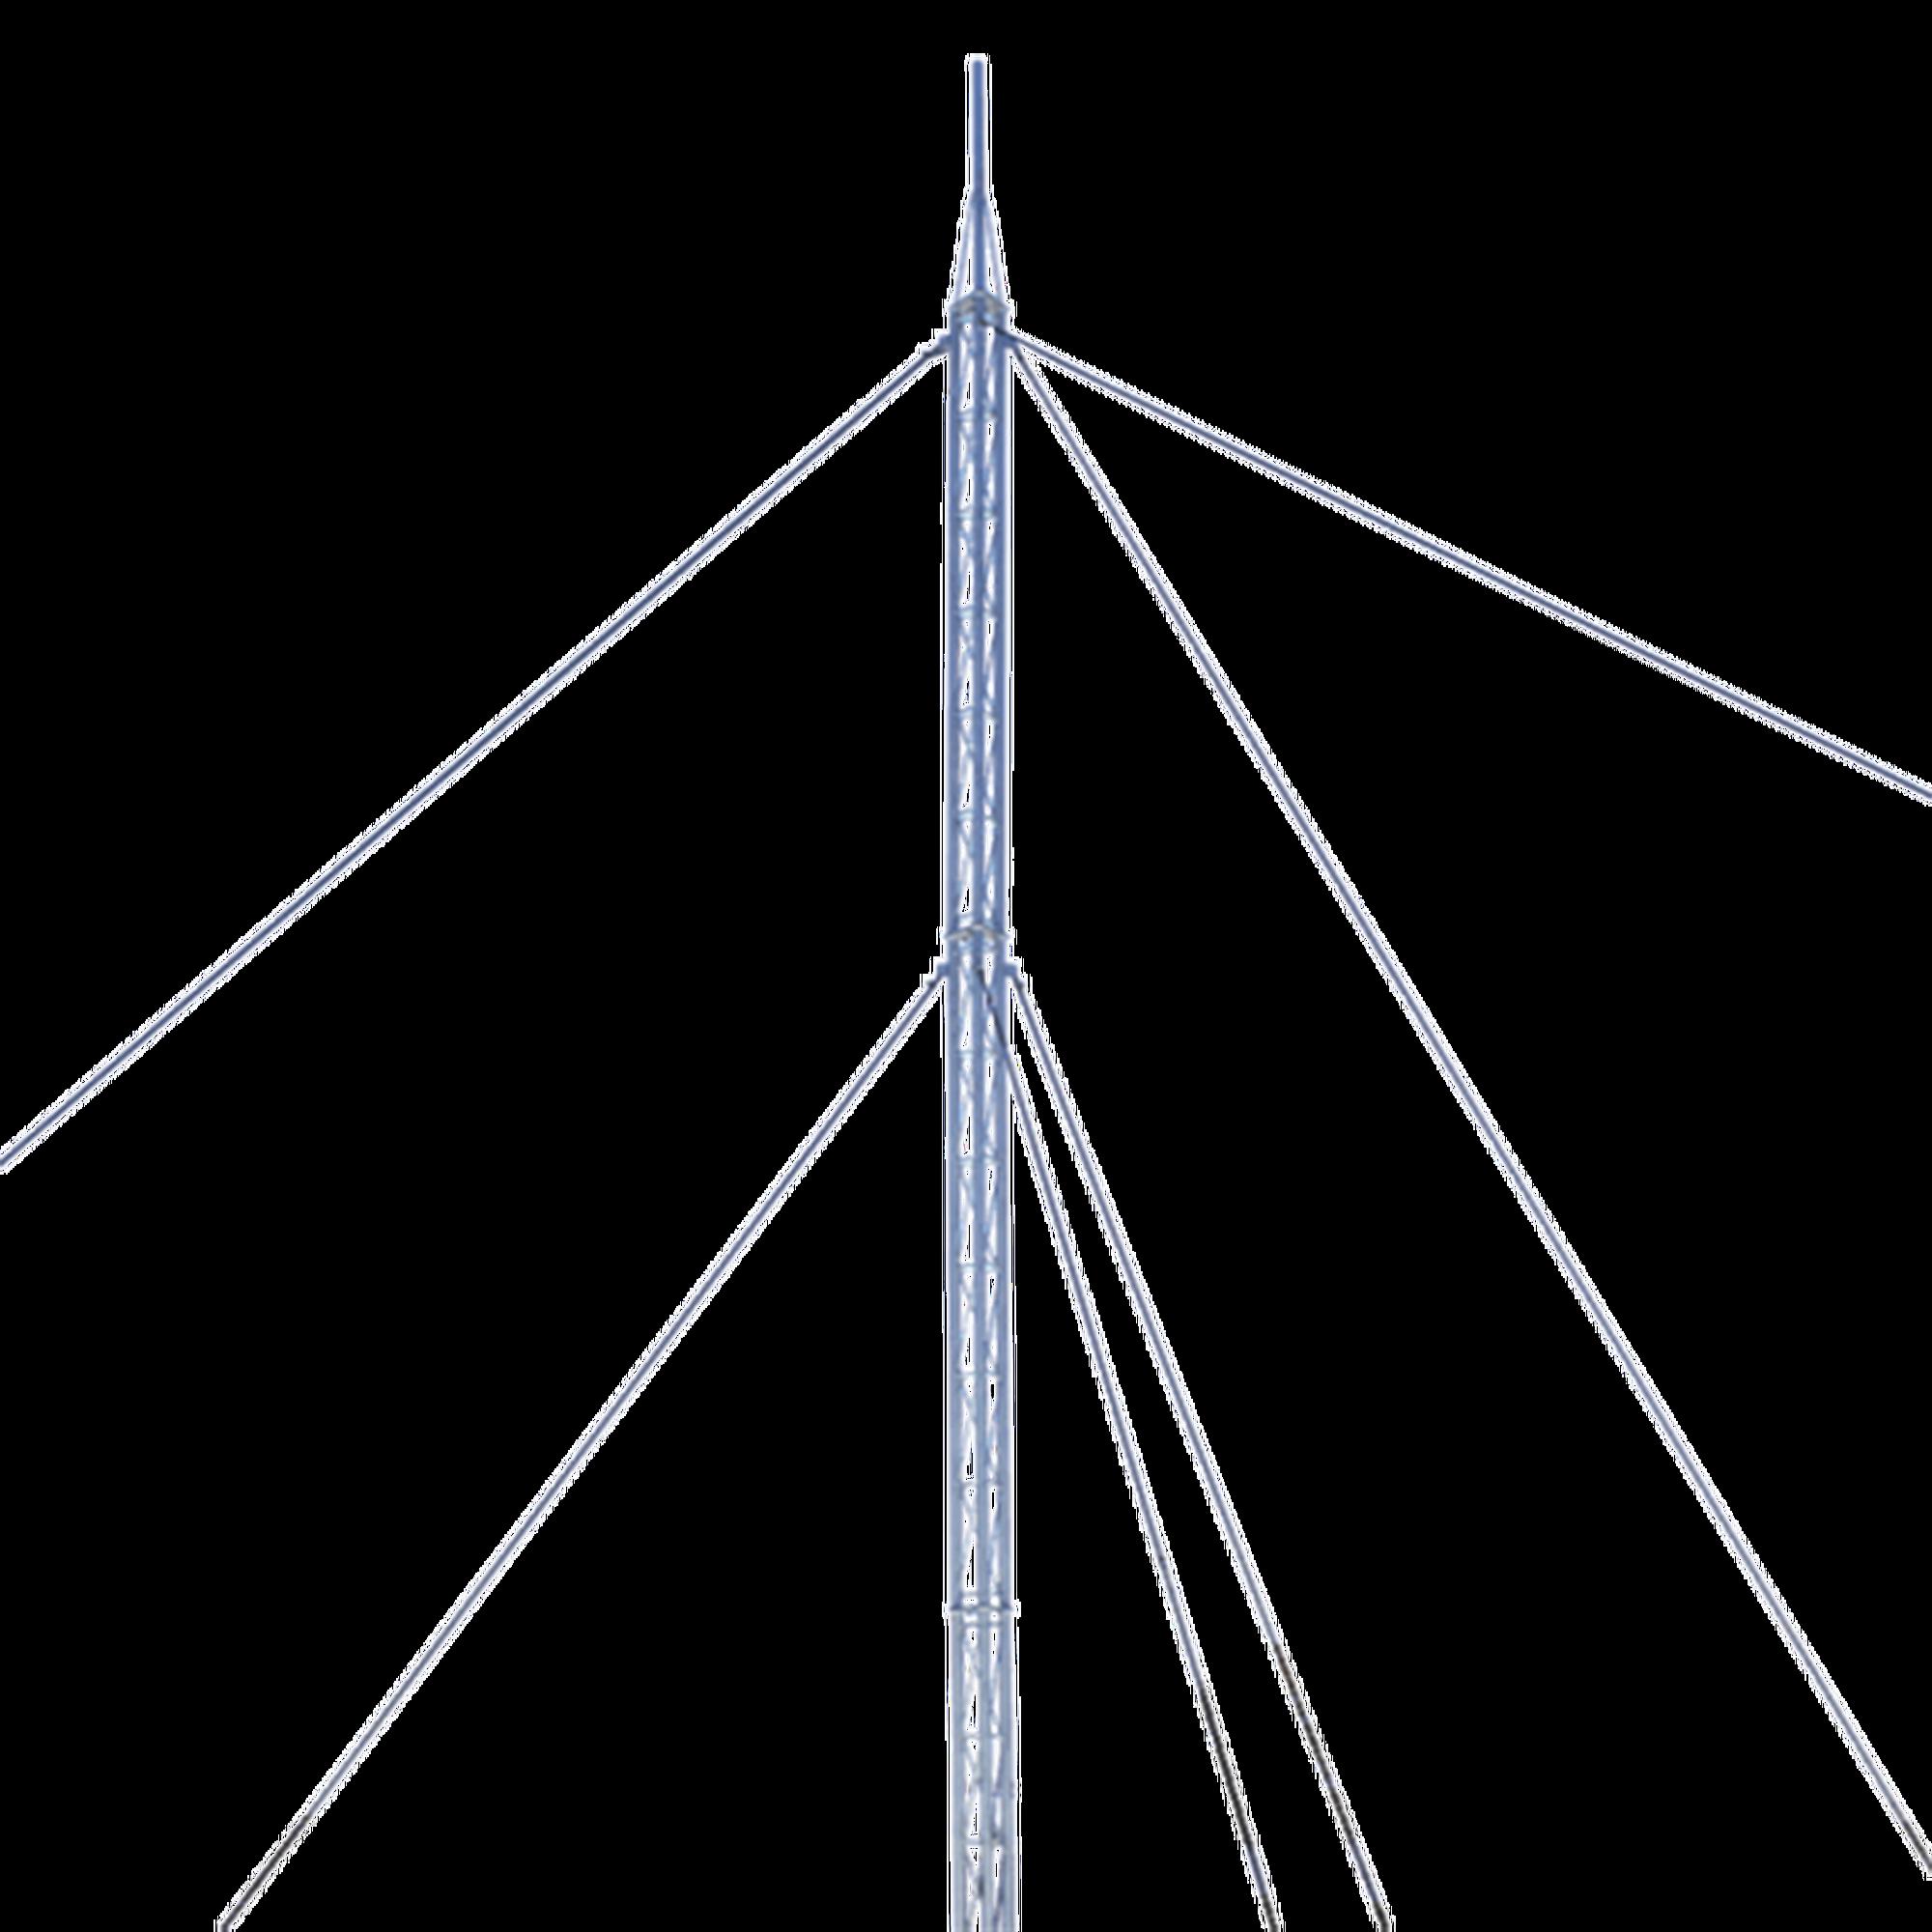 Kit de Torre Arriostrada de Techo de 24 m con Tramo STZ30G Galvanizada por Inmersión en Caliente (No incluye retenida).